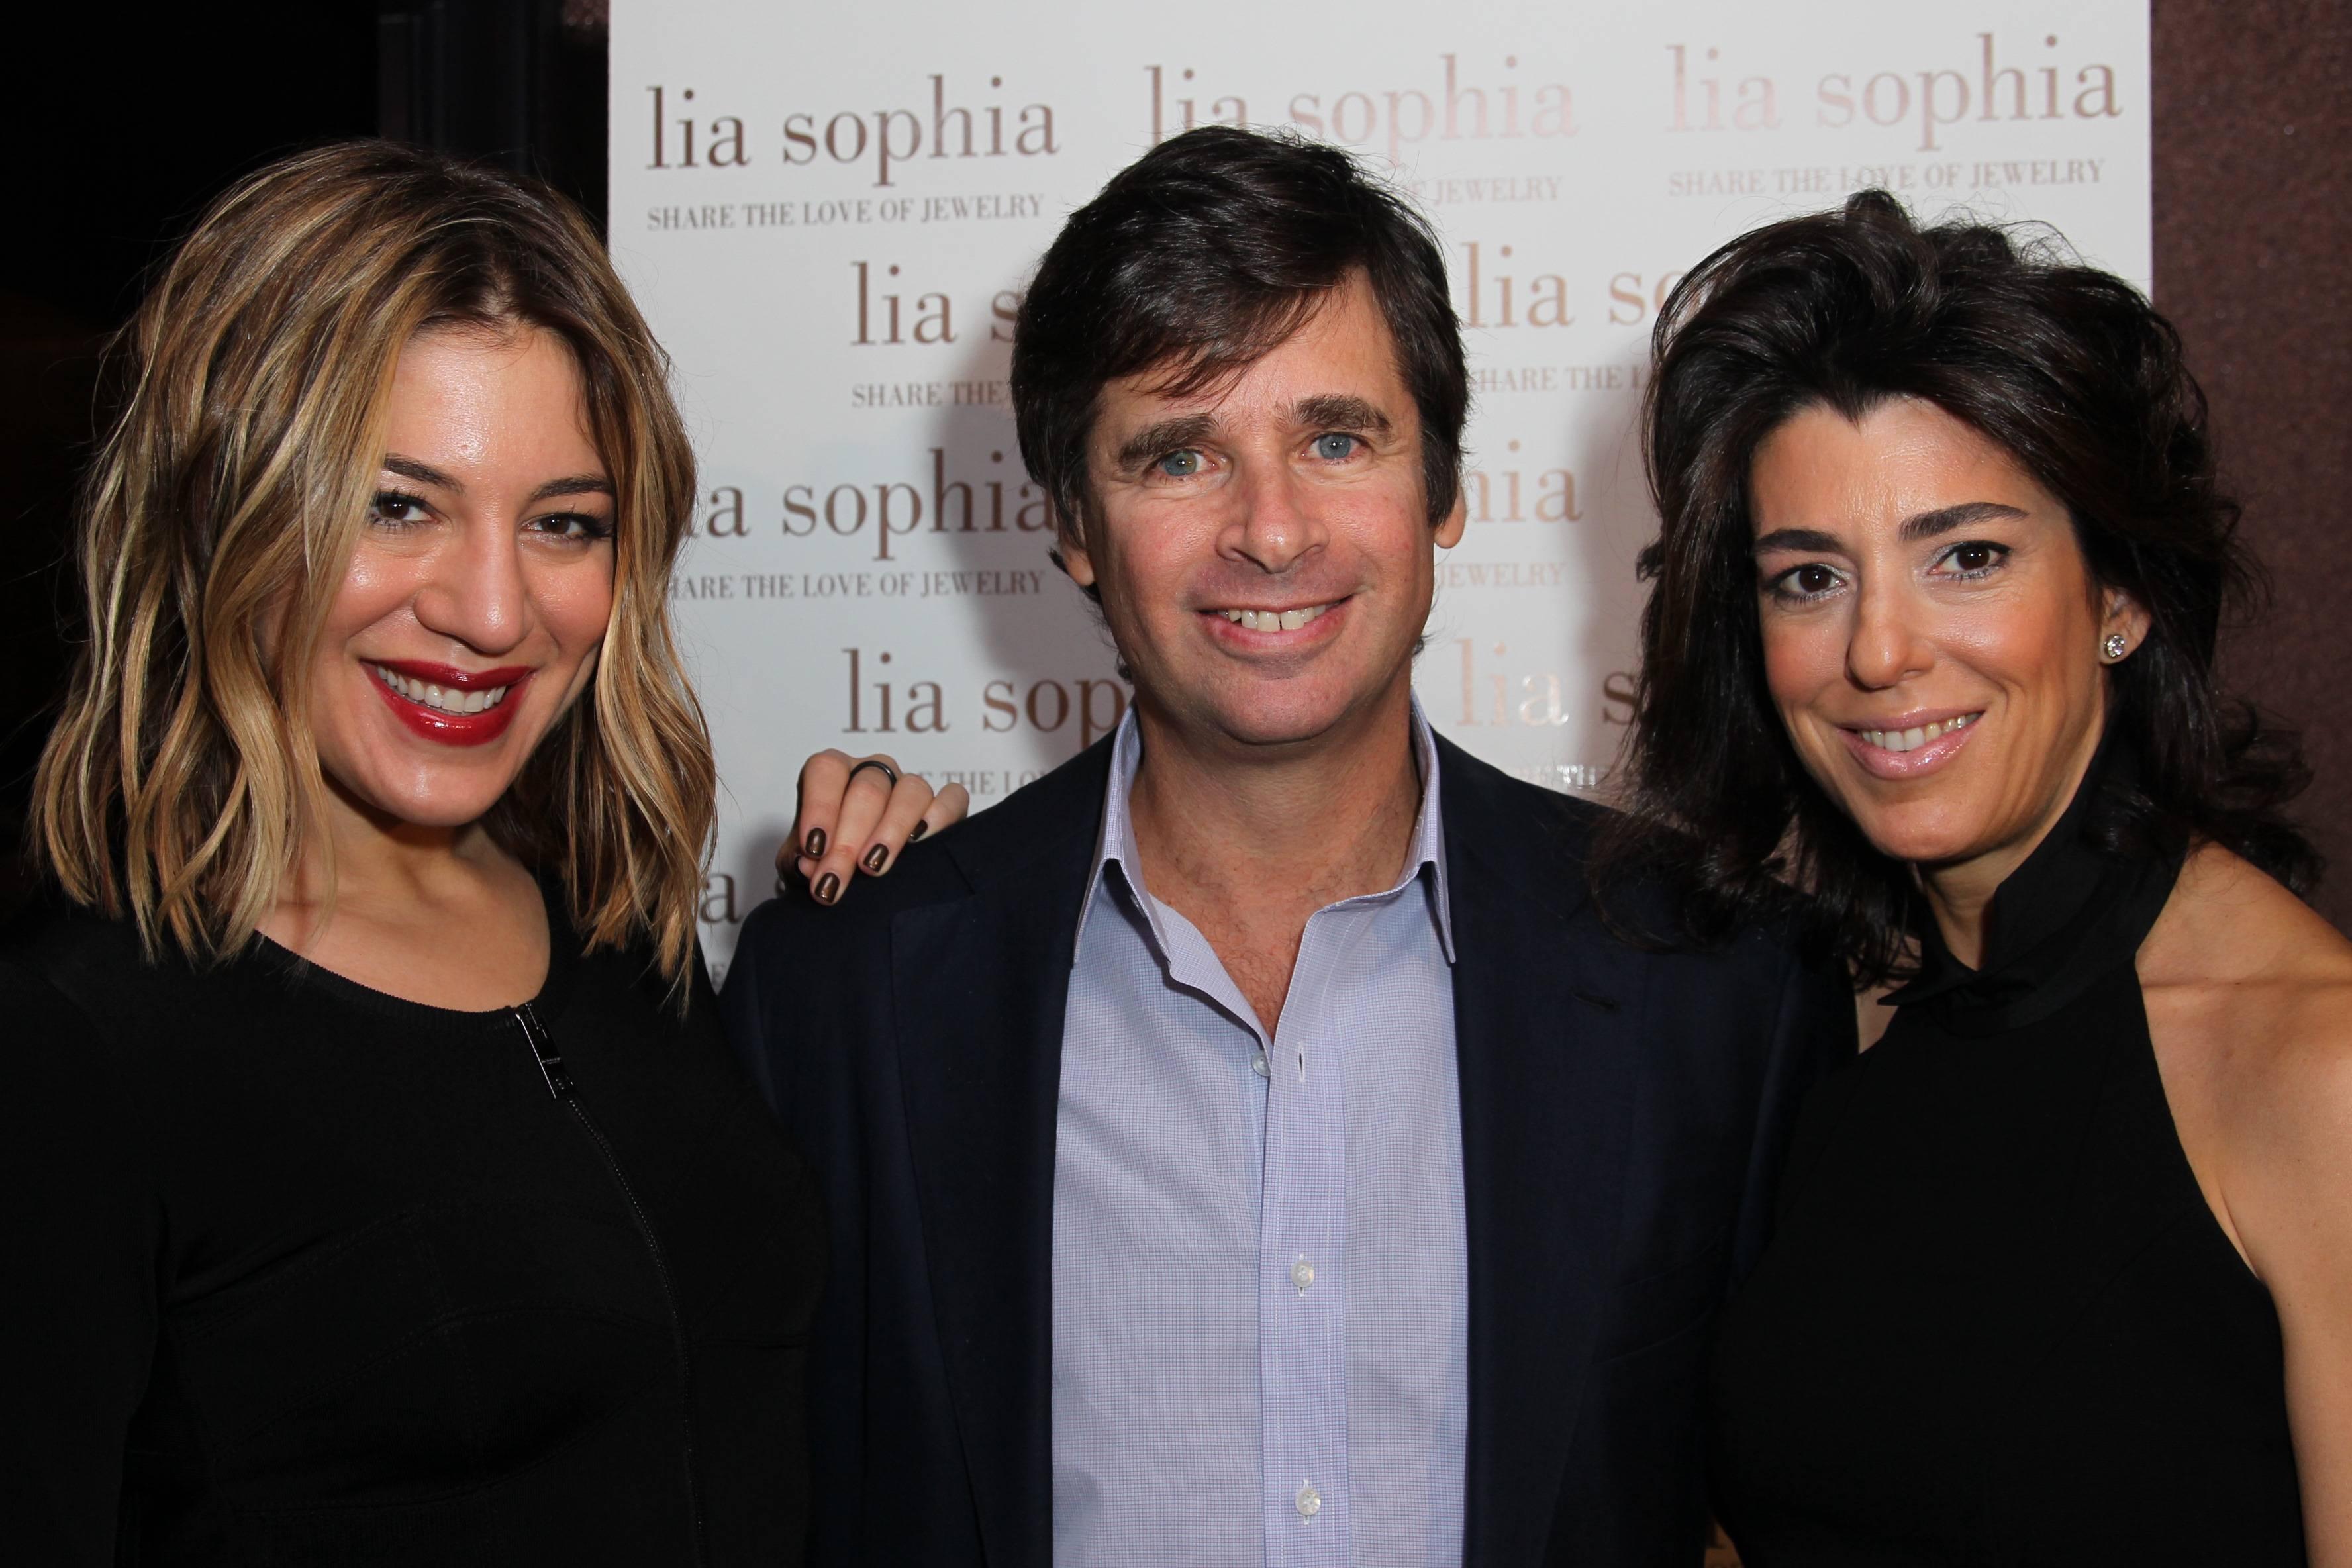 Dani Stahl, Tory Kiam and Elena Kiam